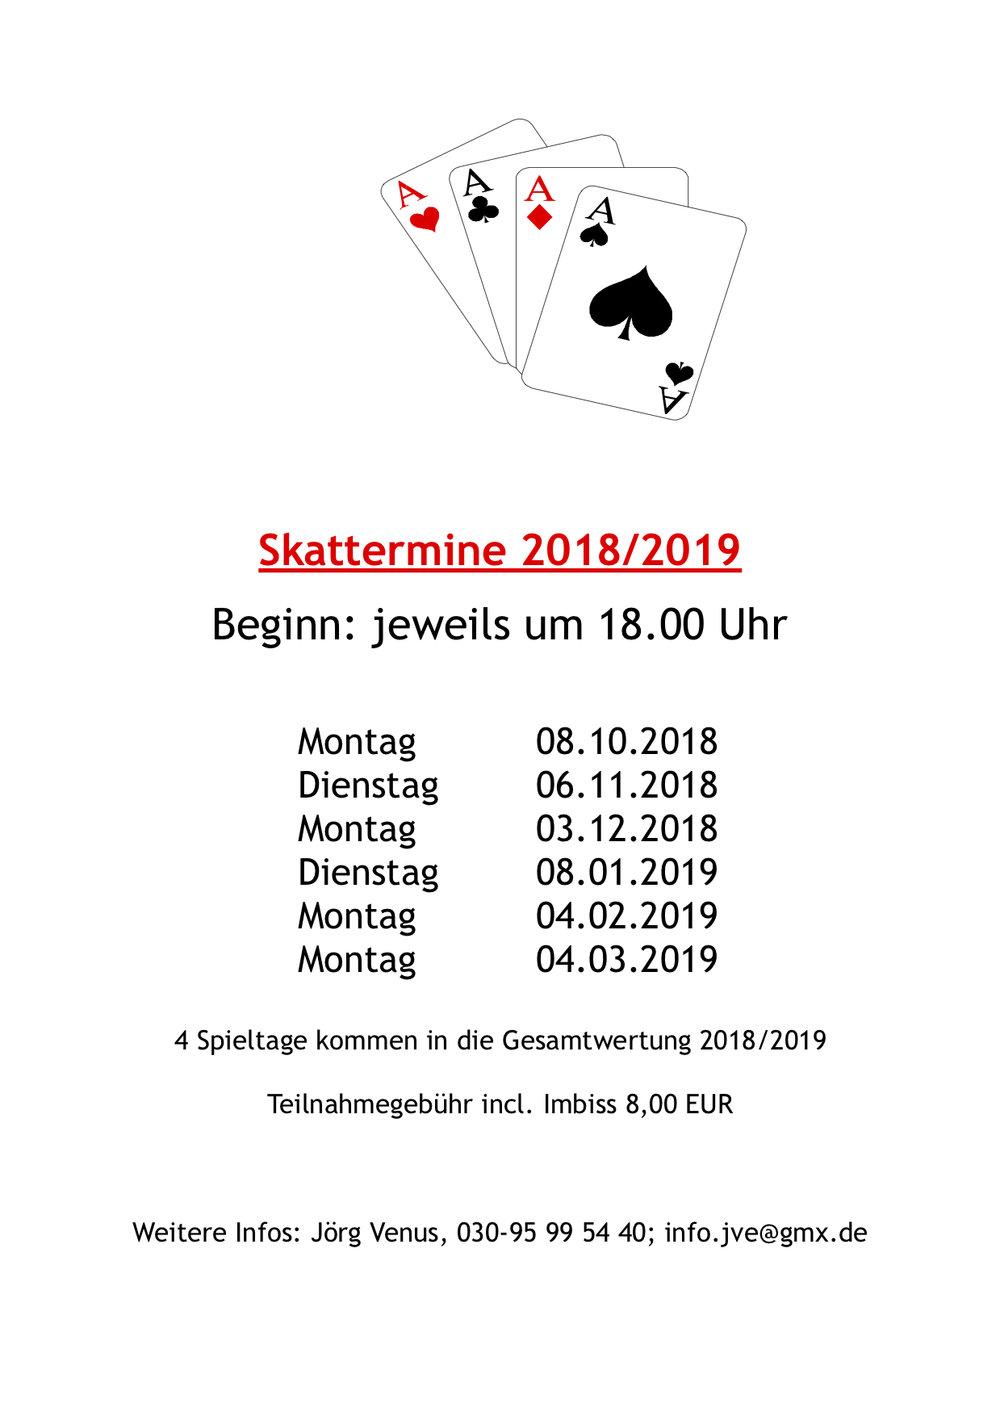 Skattermine 2018-19.jpg